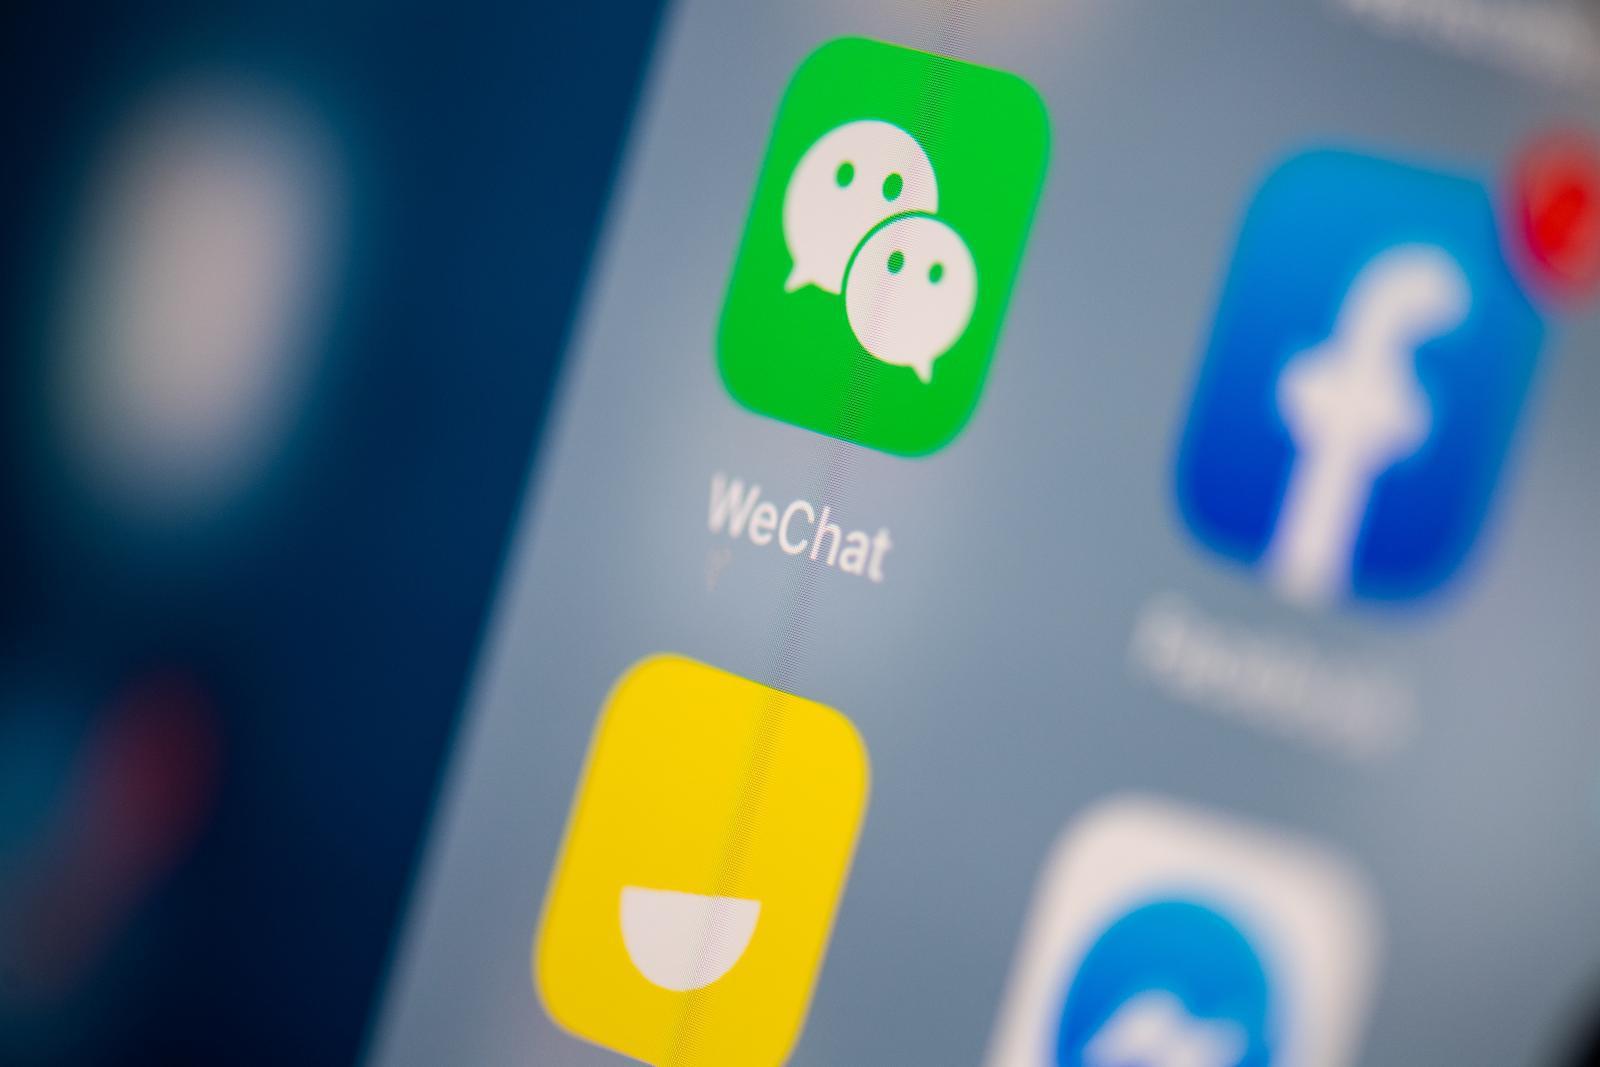 """""""แบน WeChat"""" สัญญาณไม่พึงปรารถนาต่อชาวจีนในสหรัฐฯ"""